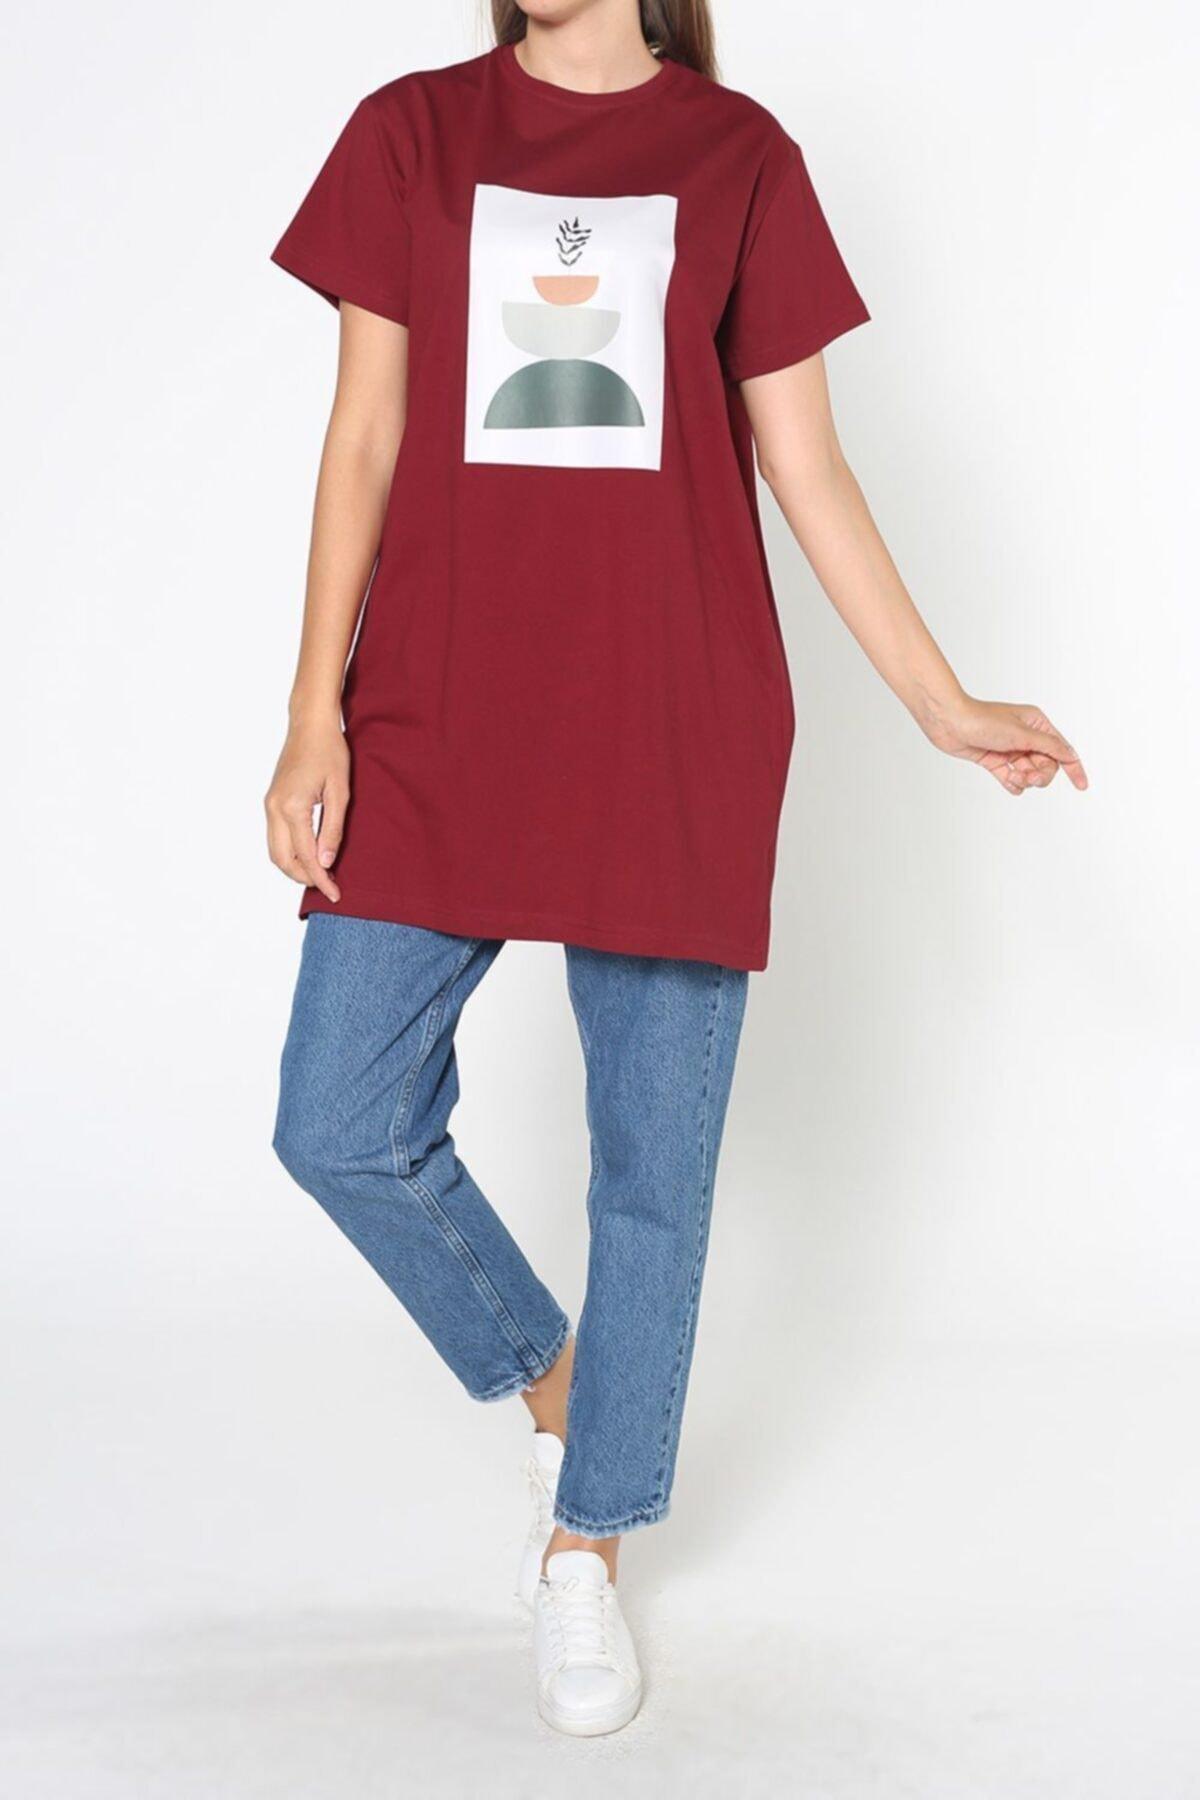 ALLDAY Bordo Baskılı Kısa Kol T-shirt 2